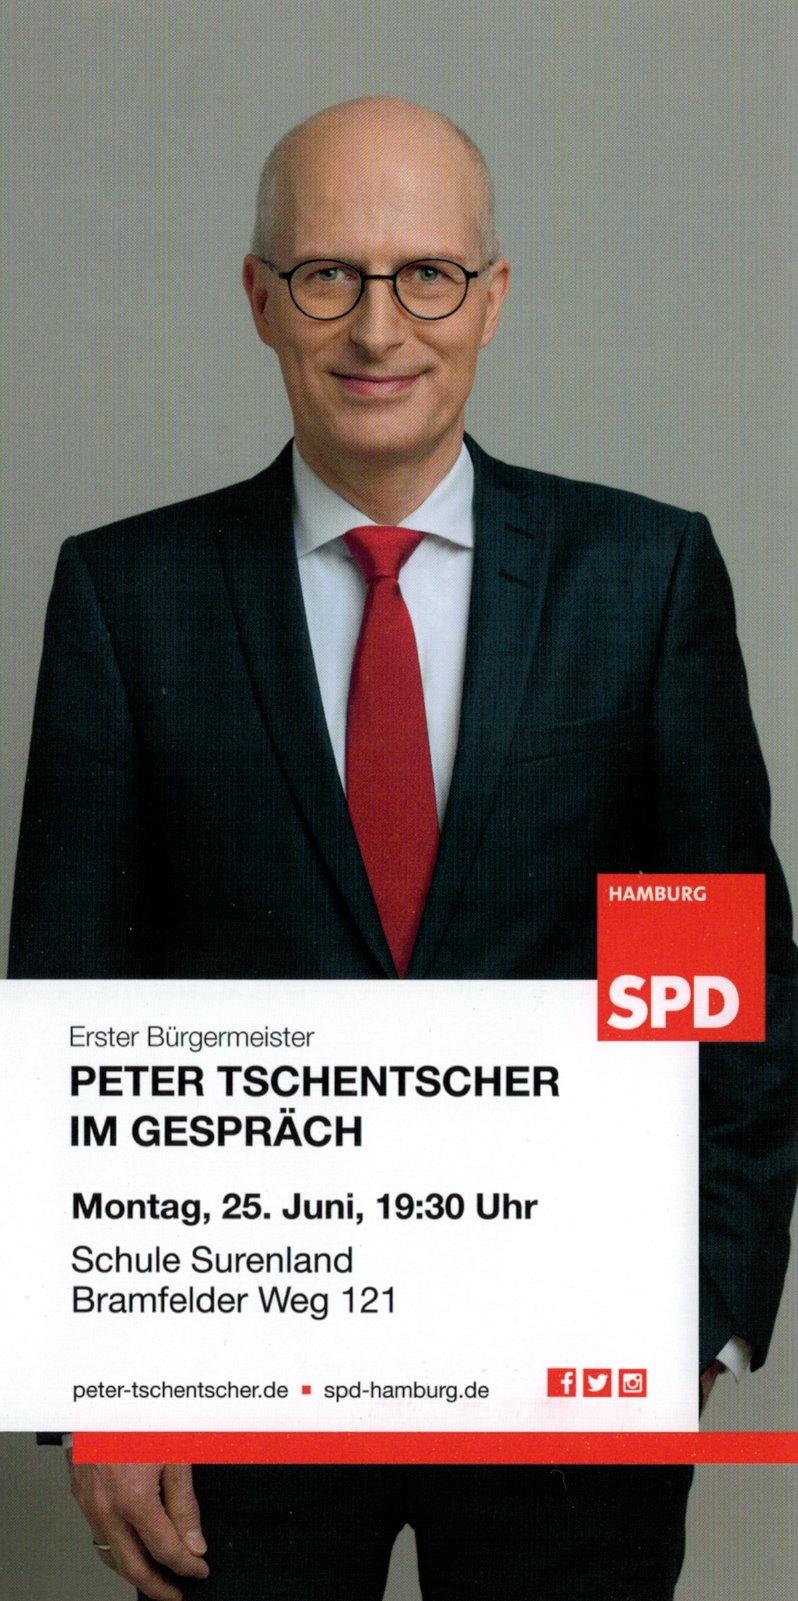 Peter Tschentscher im Gespräch @ Schule Surenland | Hamburg | Hamburg | Deutschland